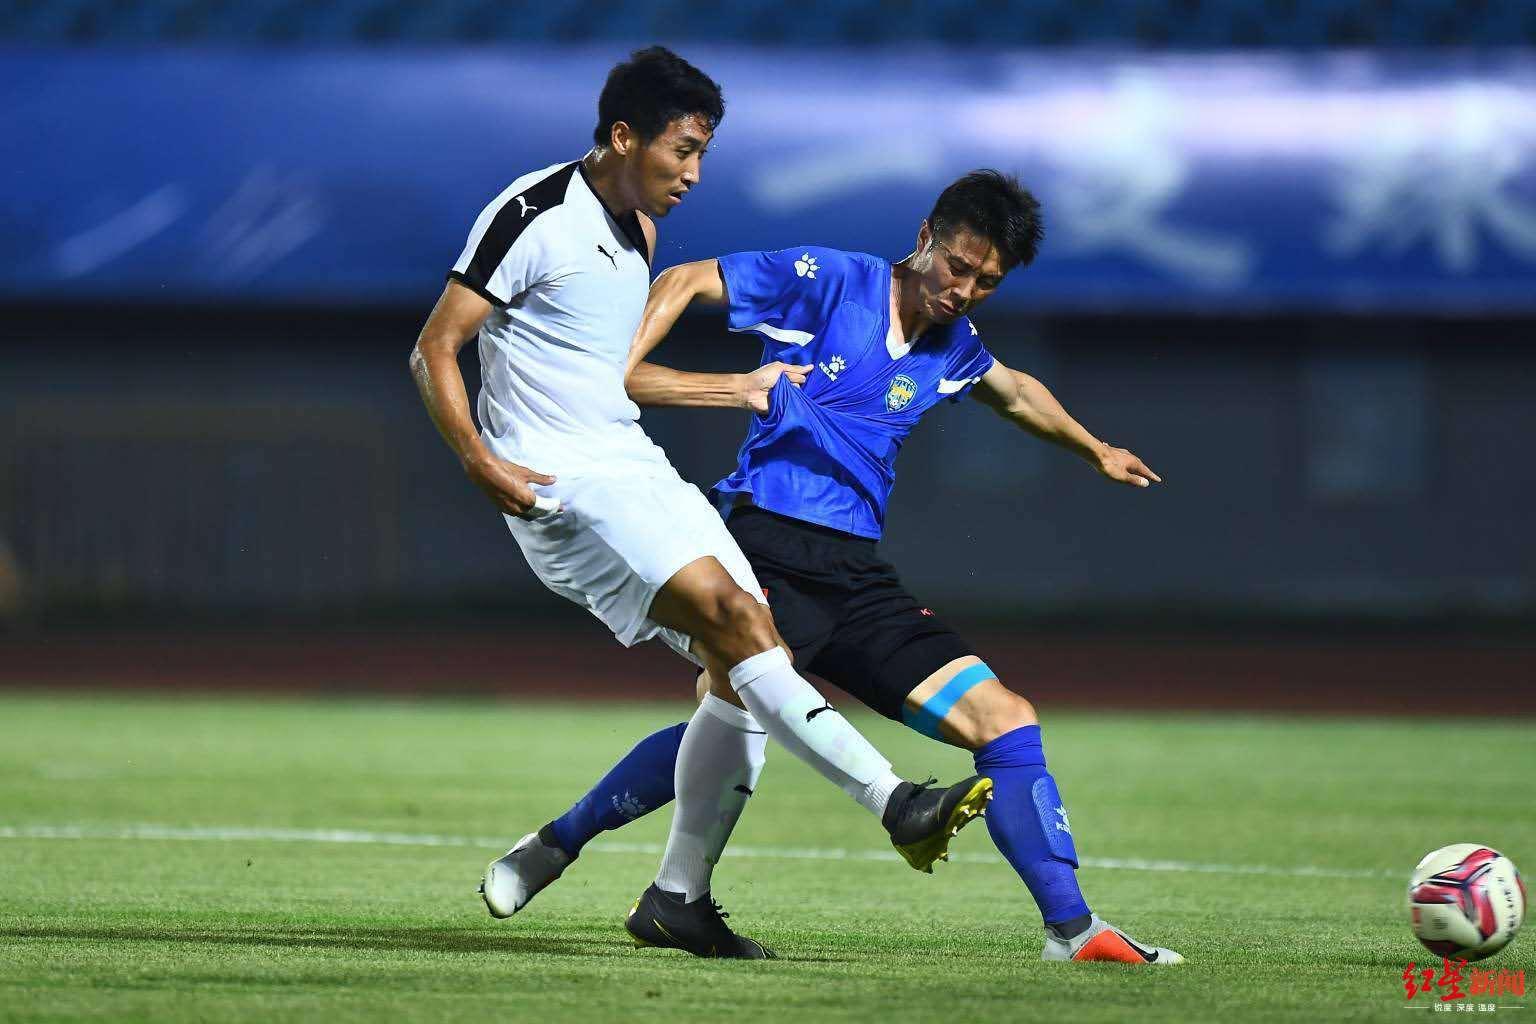 四川优必选混血新援目标中超 职业生涯从踢野球起步